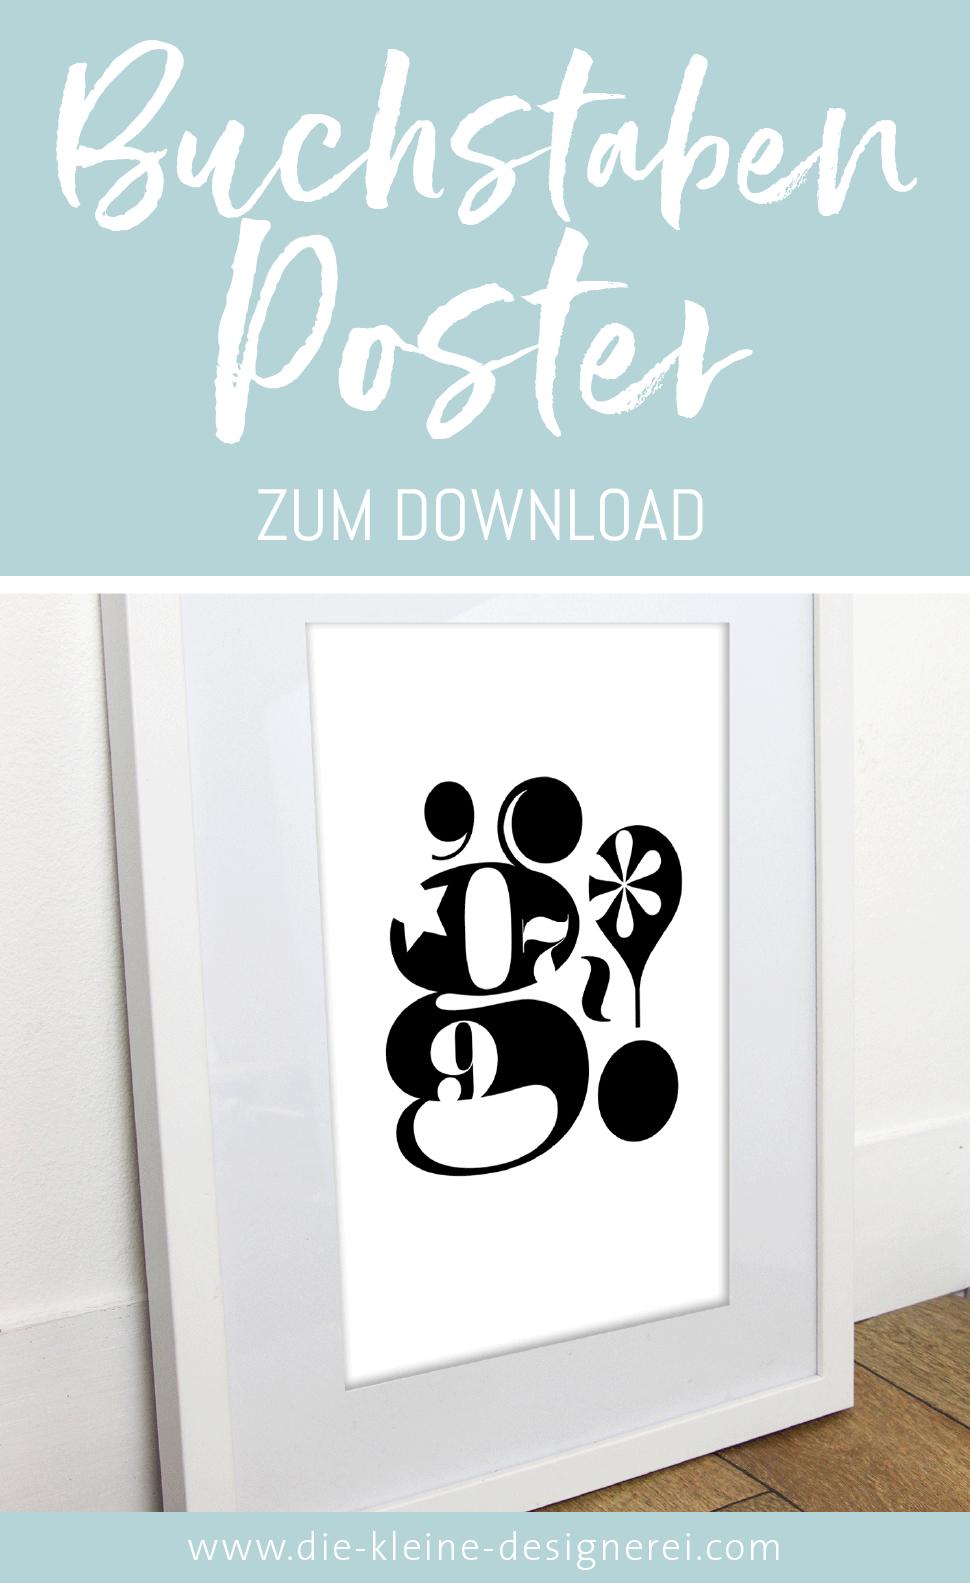 Buchstabenposter zum Download Poster kinderzimmer, Bad